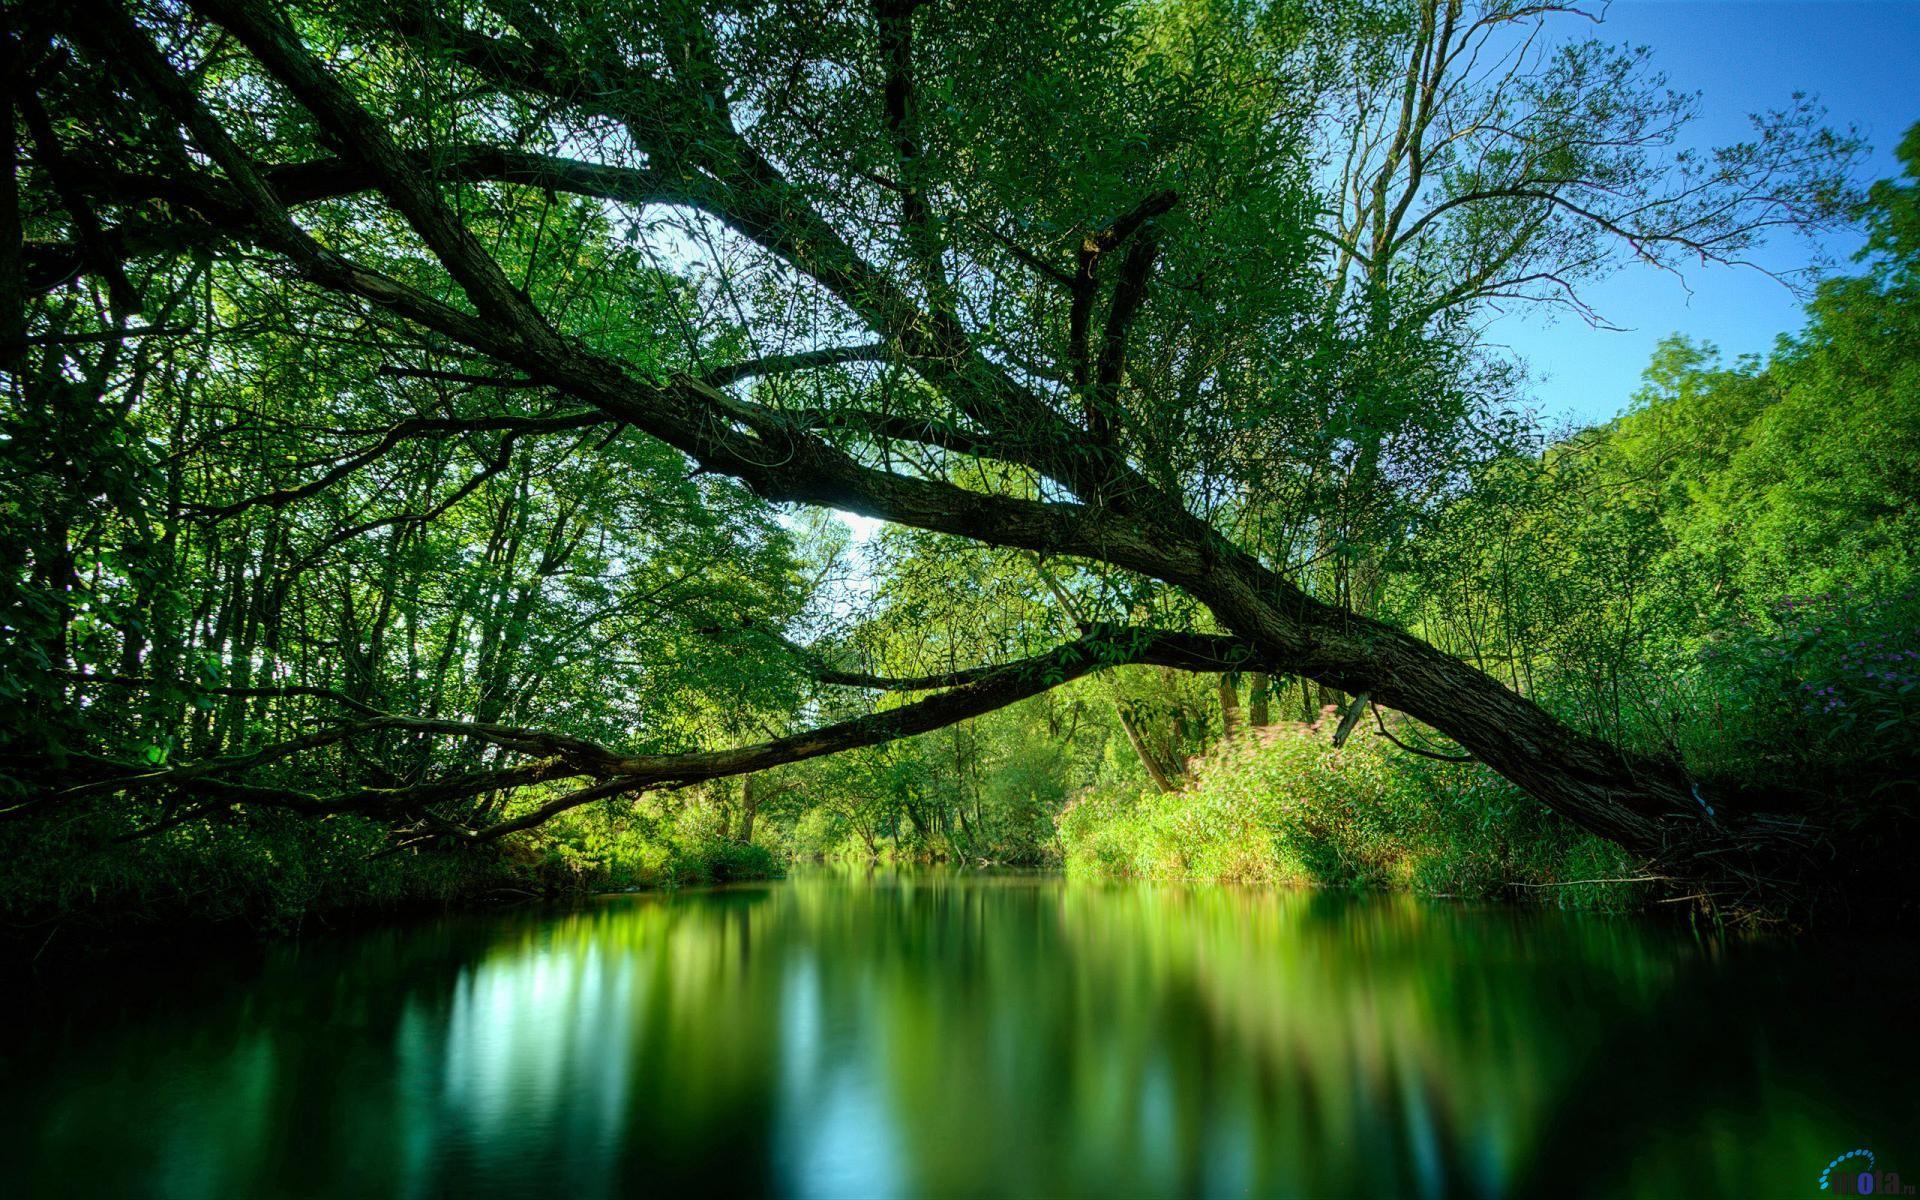 Telechargement En Cours Paysage Fond Ecran Paysage Belle Nature